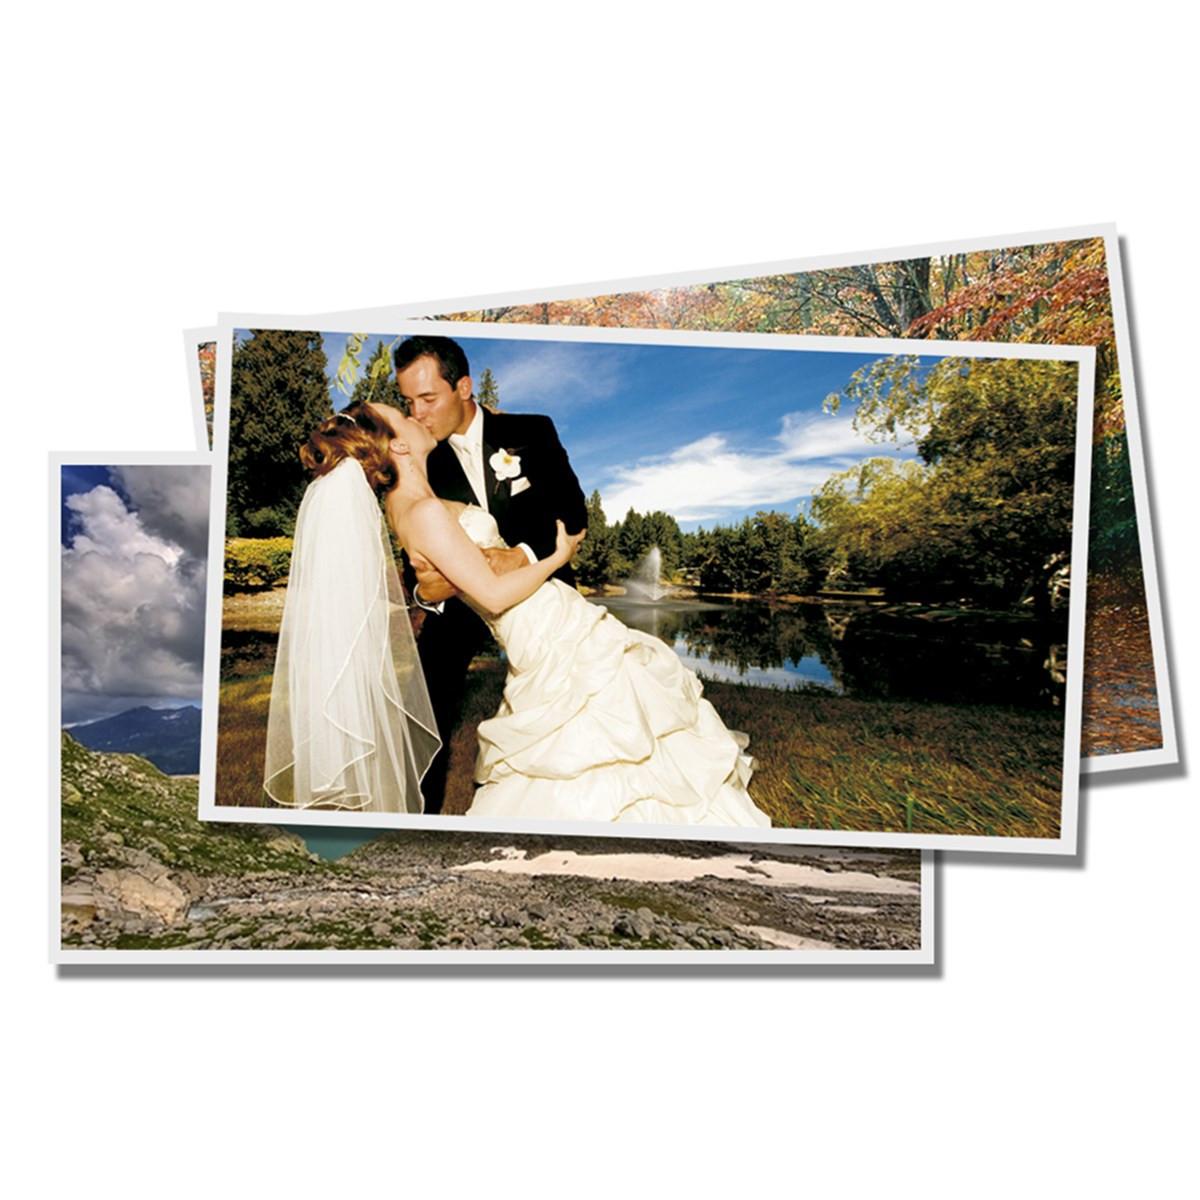 Papel Fotográfico Glossy Brilhante | 180g tamanho A3 | Pacote com 20 folhas | Resistente à água